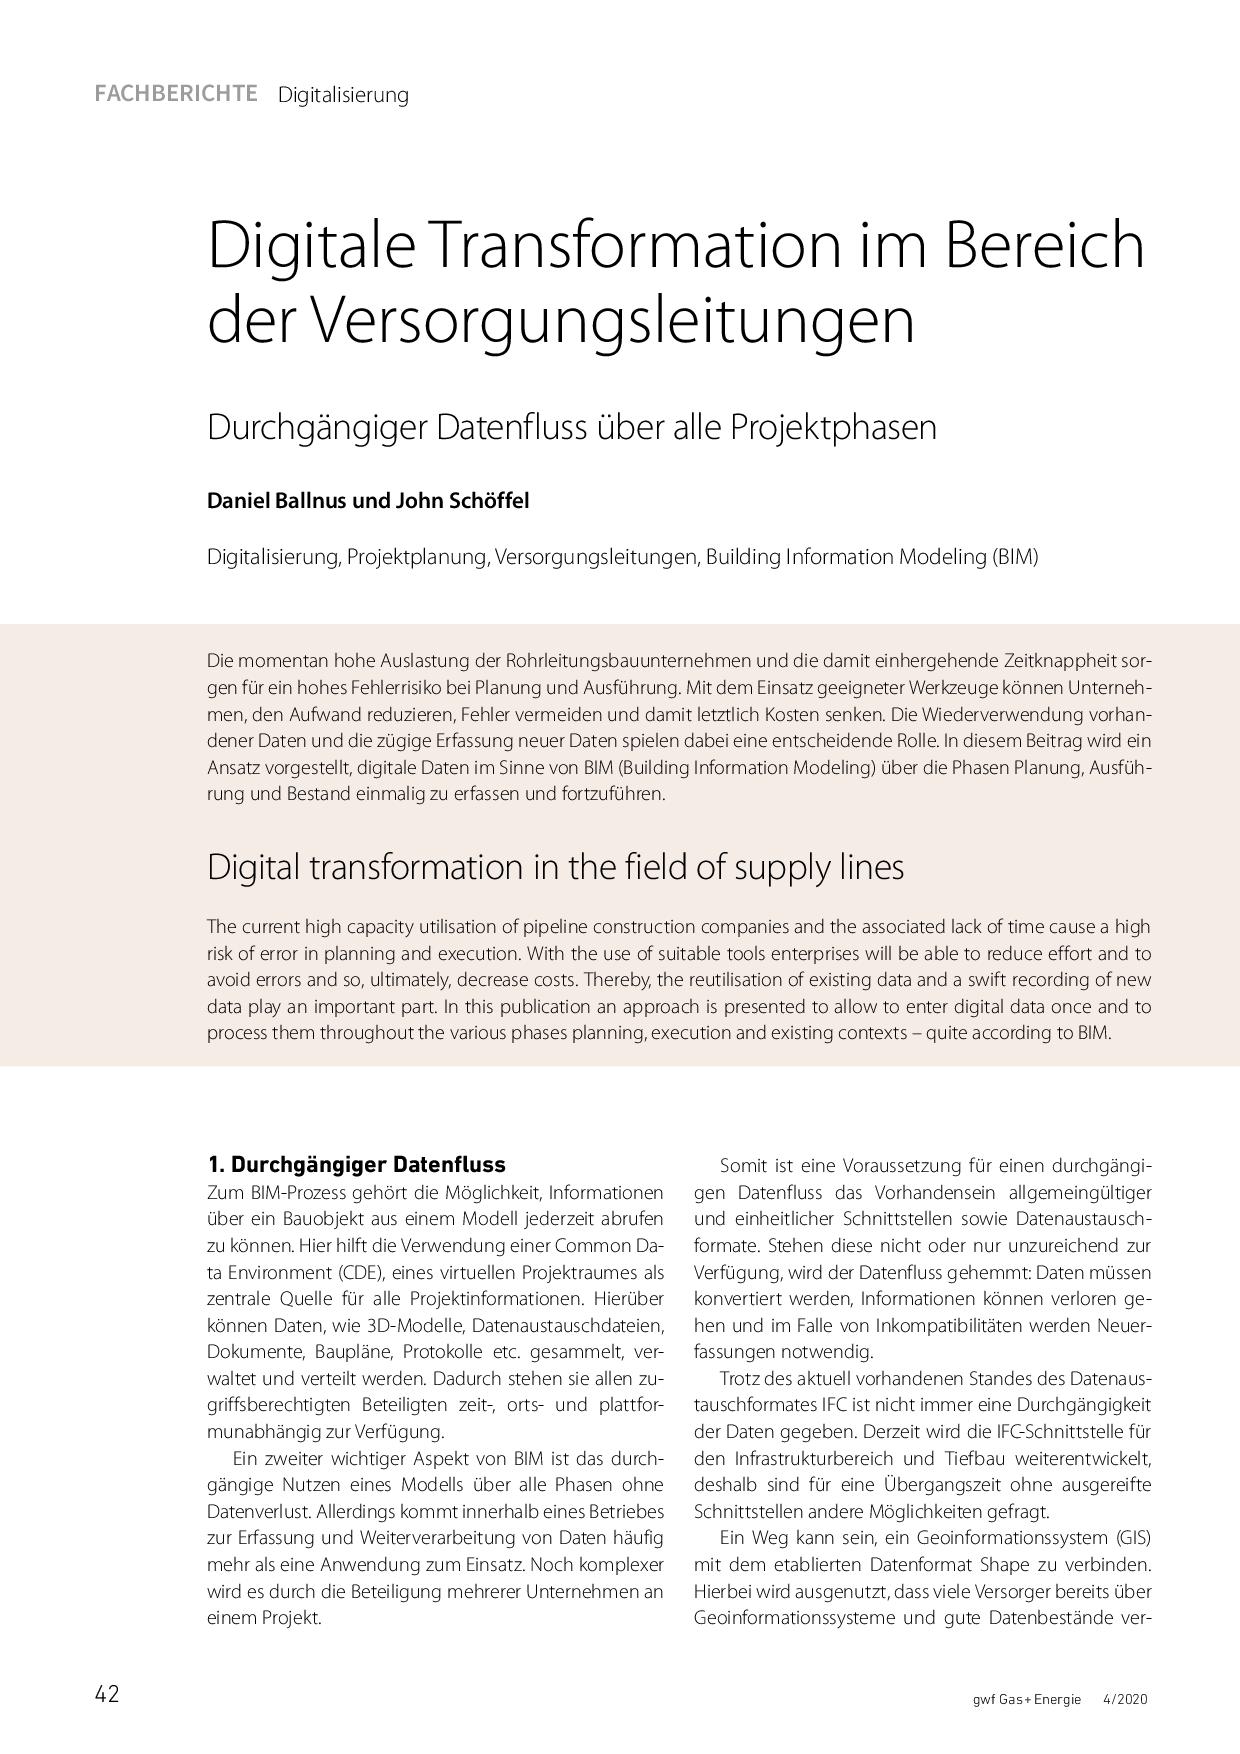 Digitale Transformation im Bereich der Versorgungsleitungen